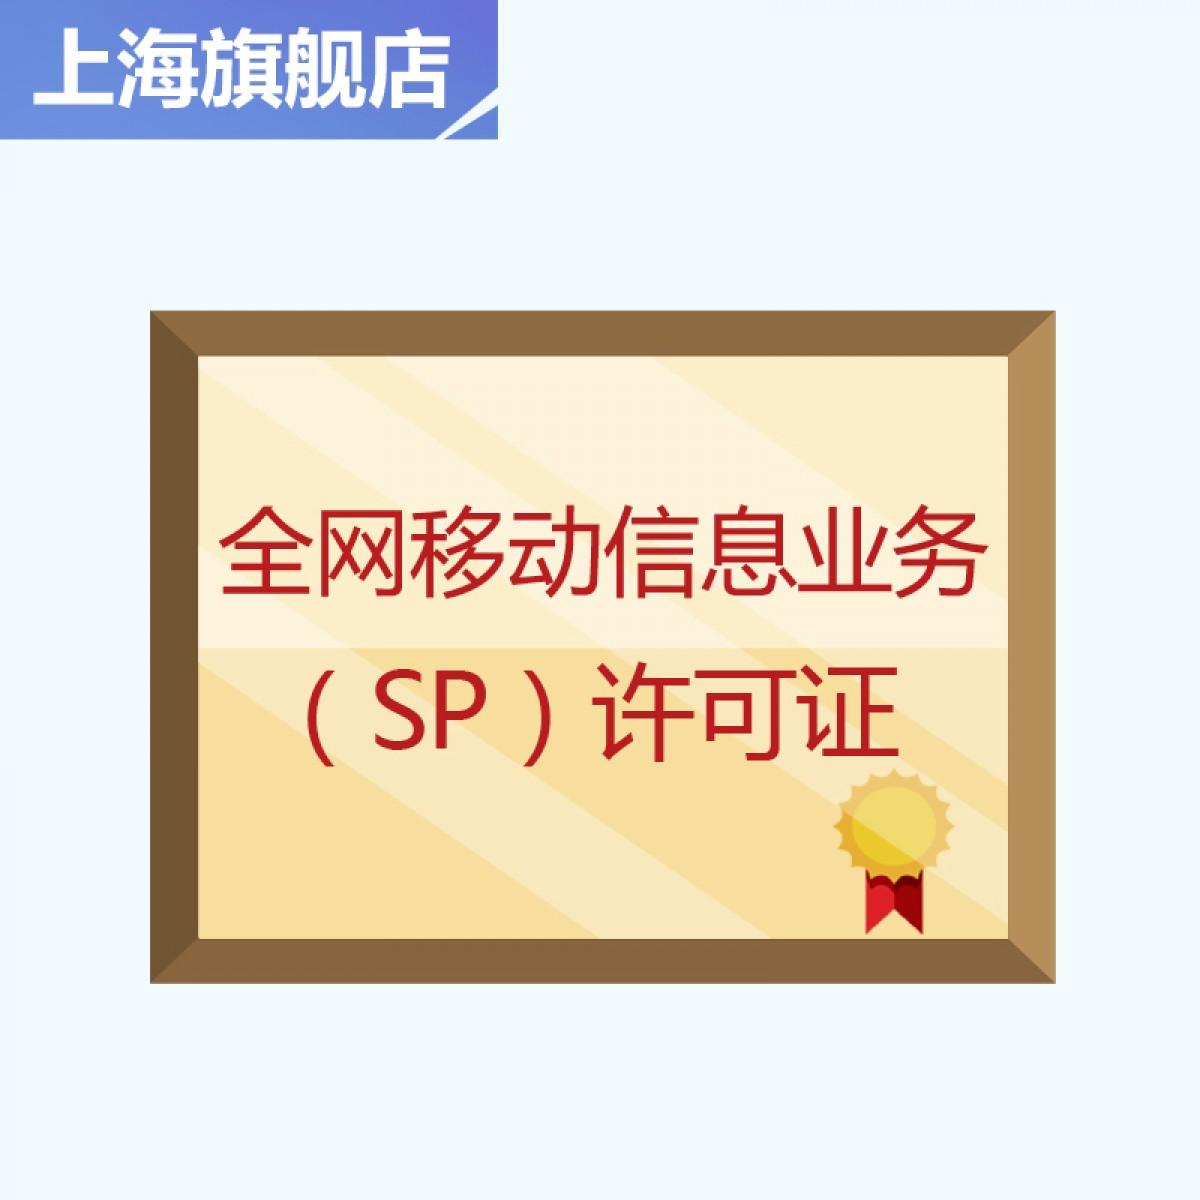 全网SP证书 移动网信息服务业务许可证 第二类增值电信业务经营许可证 公司宝上海旗舰店 上海 增值电信